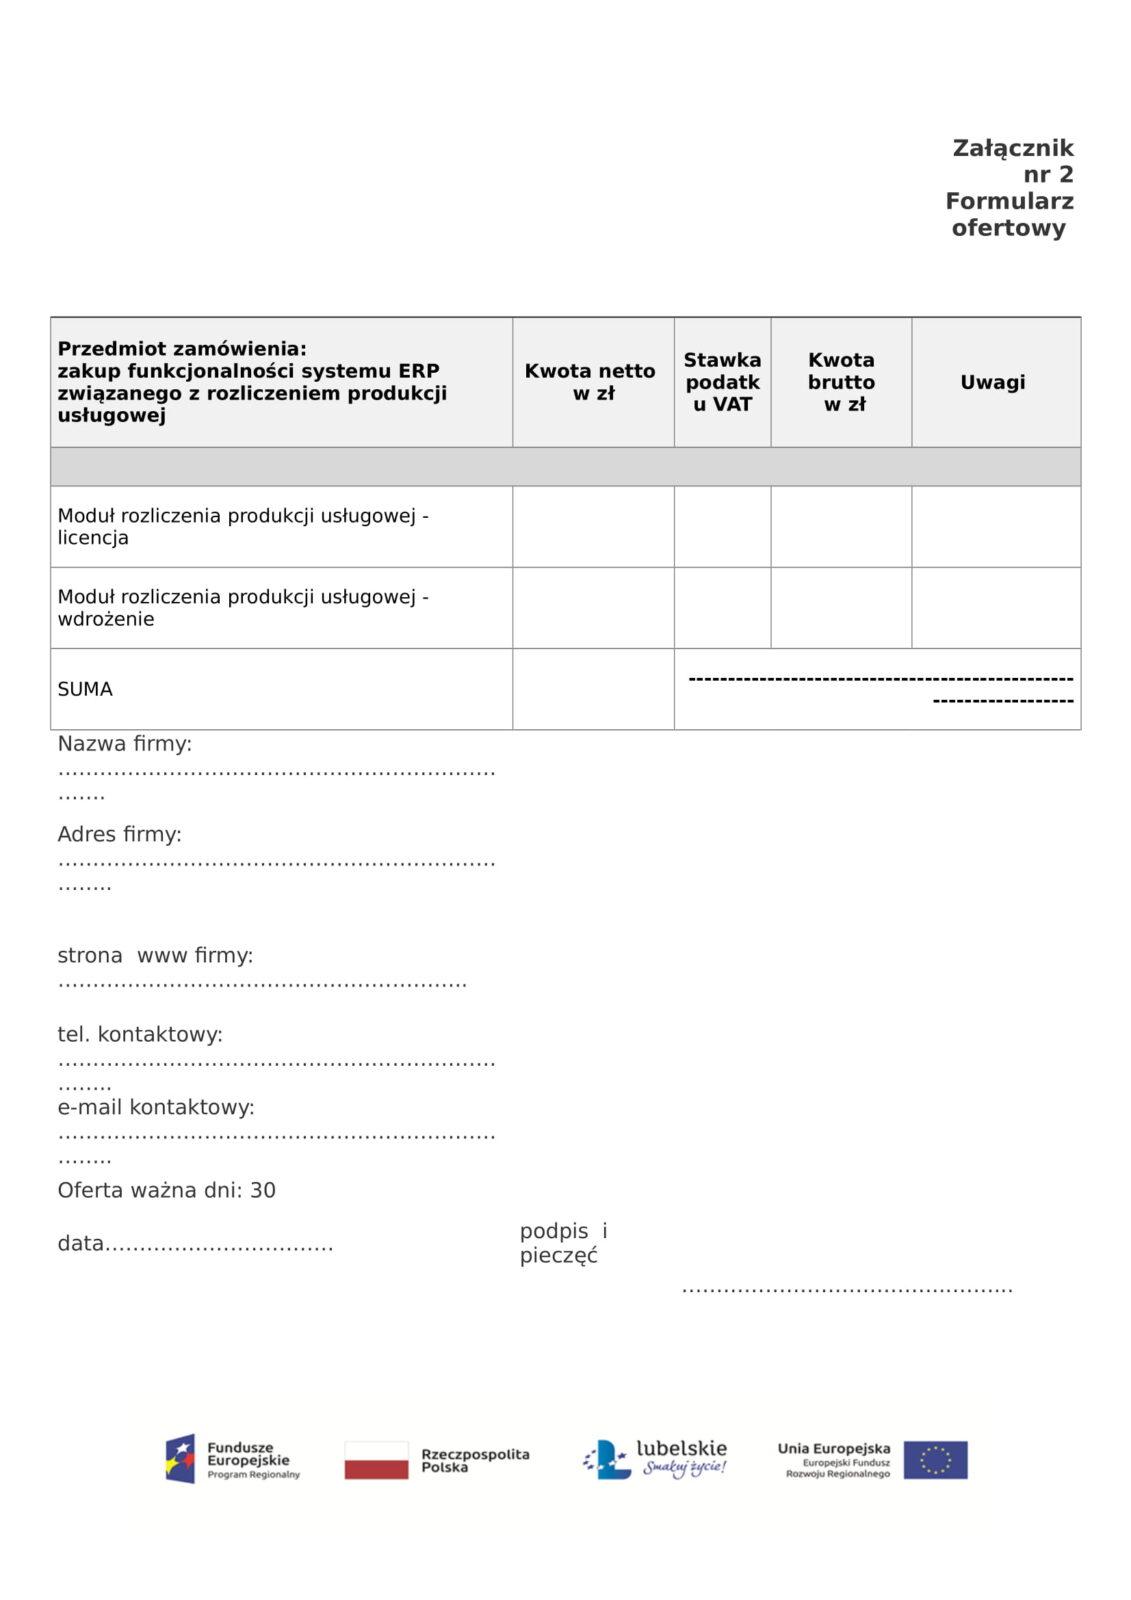 https://stoczek.com.pl/wp-content/uploads/2021/01/Zalacznik-nr-2-Formularz-ofertowy-13.01.20-2.pdf